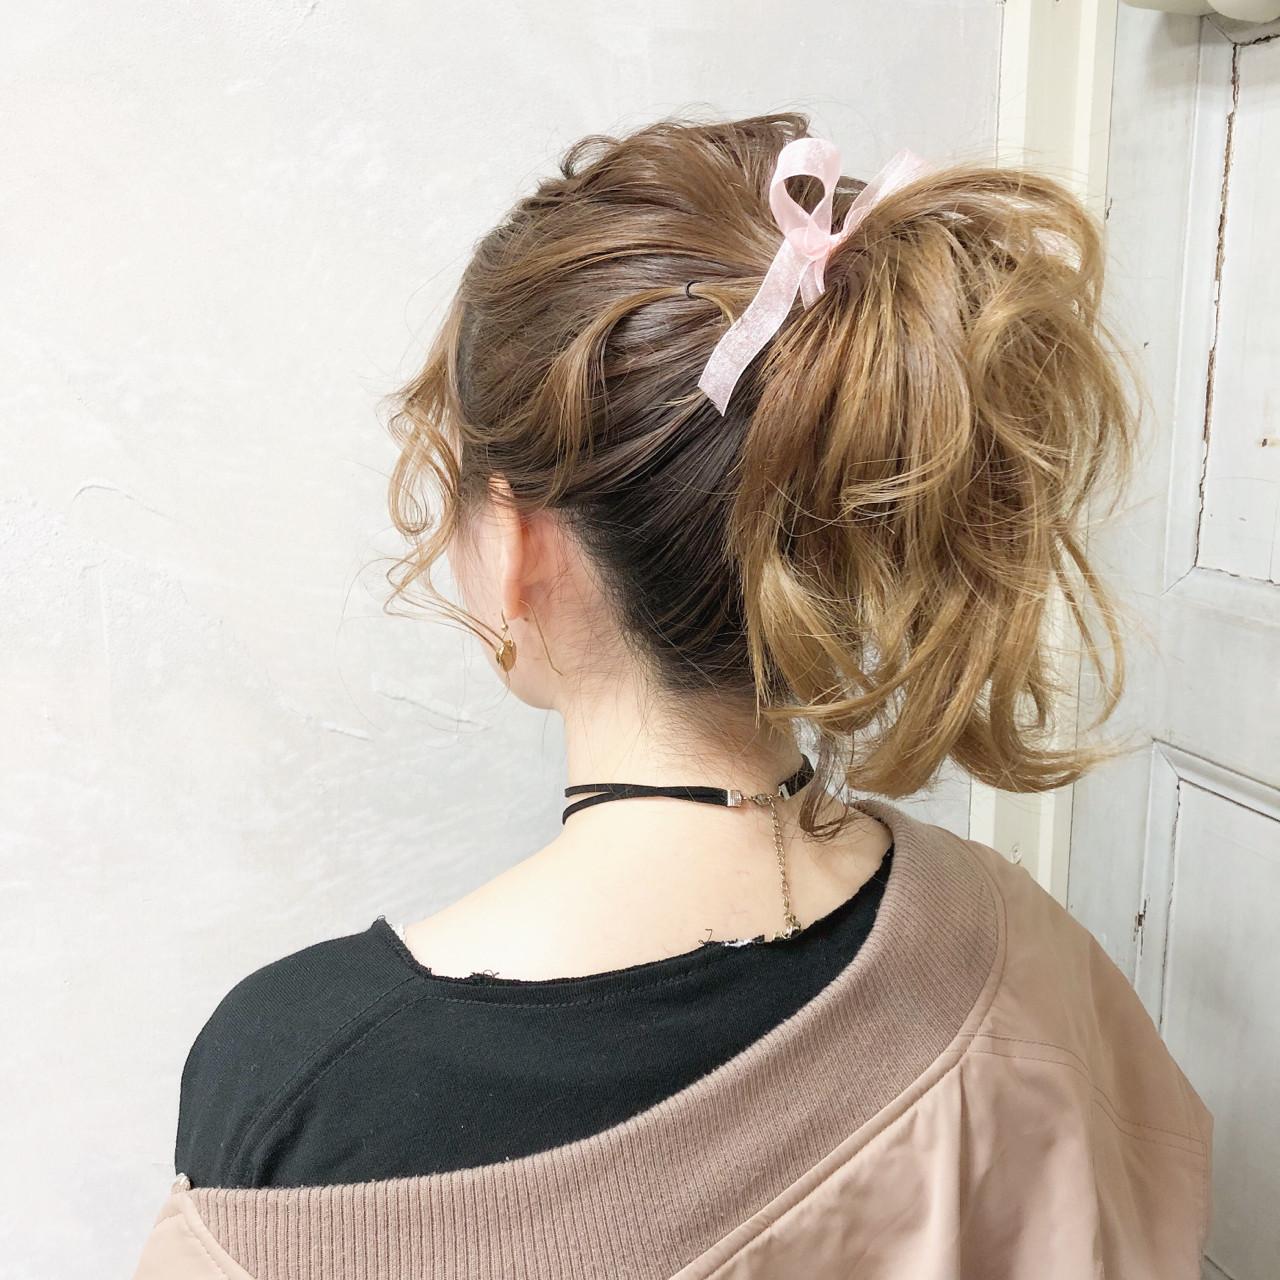 ゆるふわ巻き髪がポニーを華やかで可愛くする♪ hii.de@✂︎